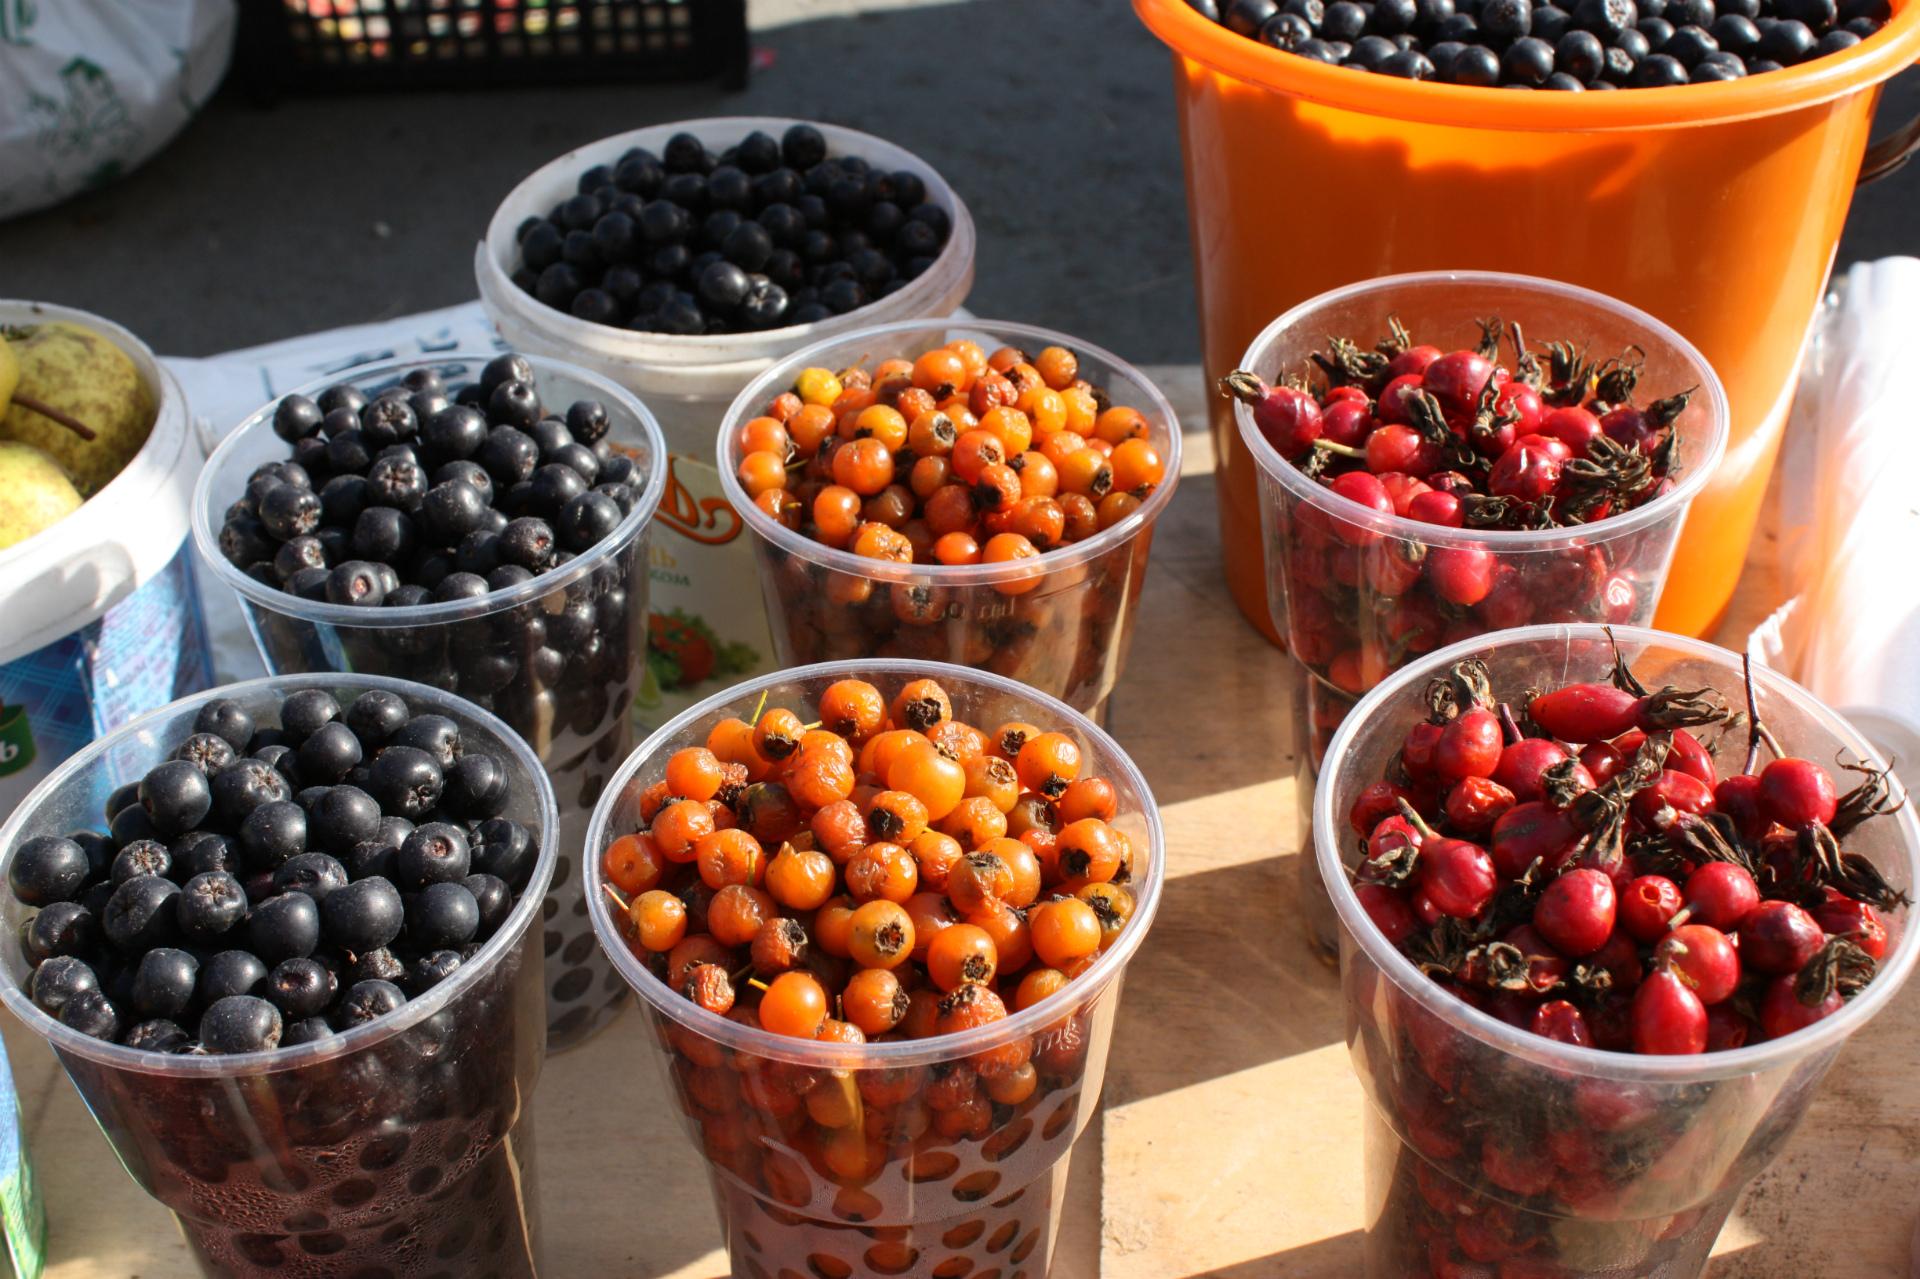 Еще одна ягода полезная для здоровья — боярка. Она особенно полезна людям с сердечно-сосудистыми заболеваниями.&nbsp;<br>— Чай с ней заварите, вкусно будет, — рекомендуют продавцы